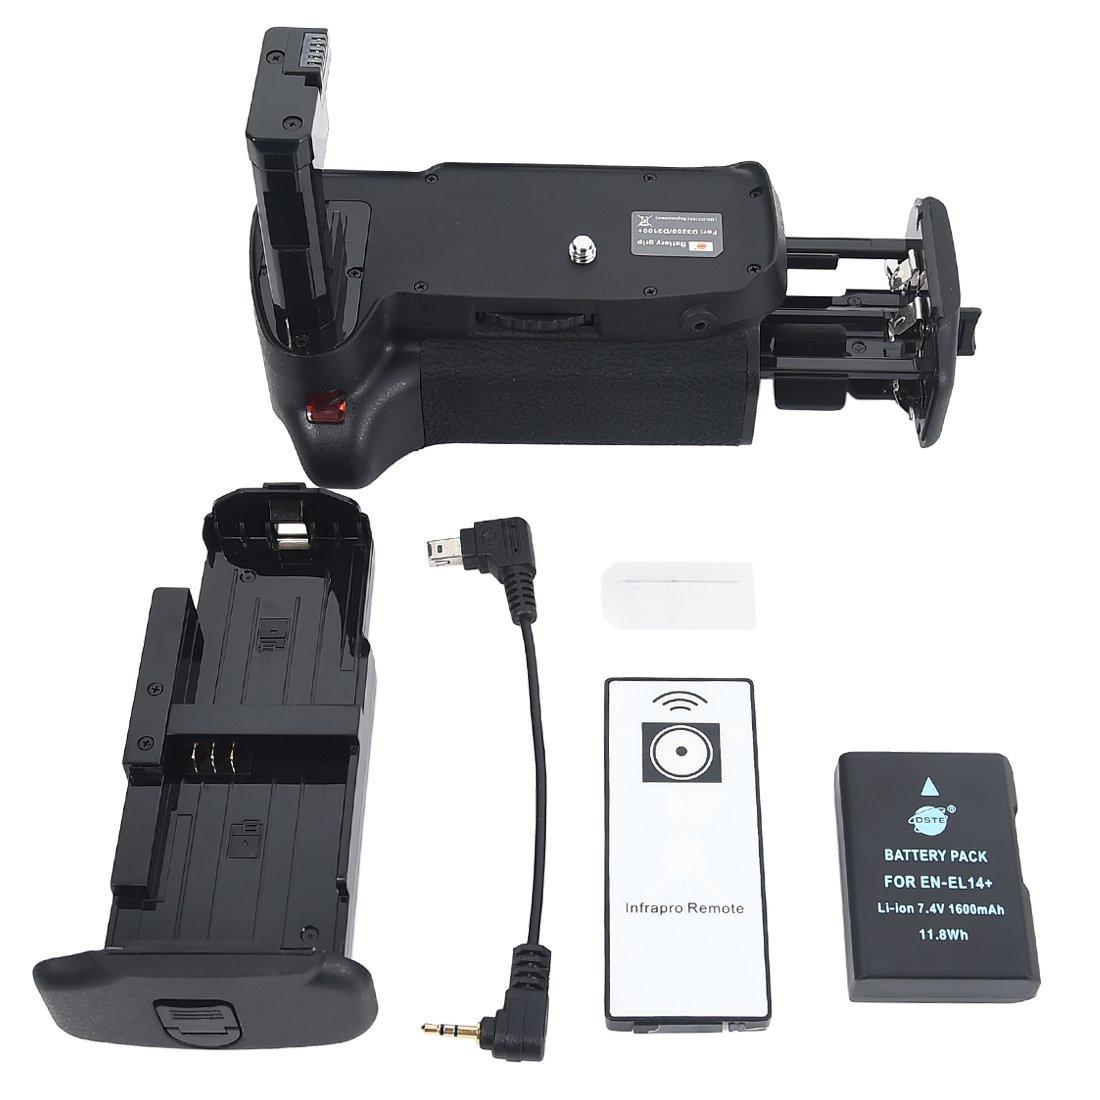 DSTE Pro IR Remote MB-D31 Vertical Battery Grip + EN-EL14 EN-EL14A for Nikon D3100 D3200 D3300 D5300 SLR Digital Camera